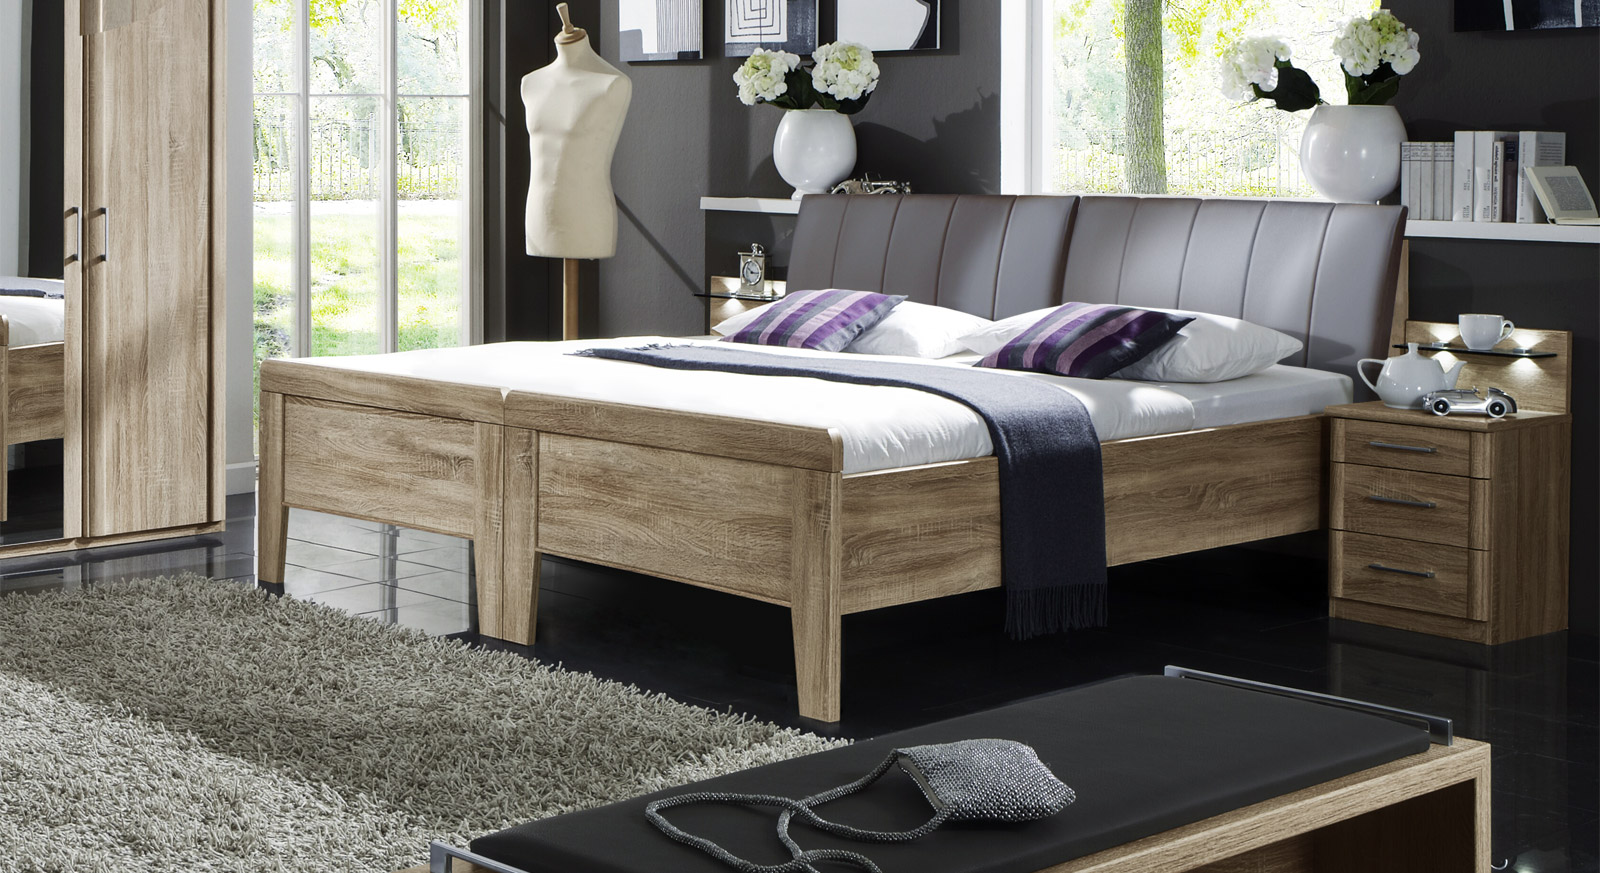 Verbindungsbeschlag für ein Doppelbett Runcorn